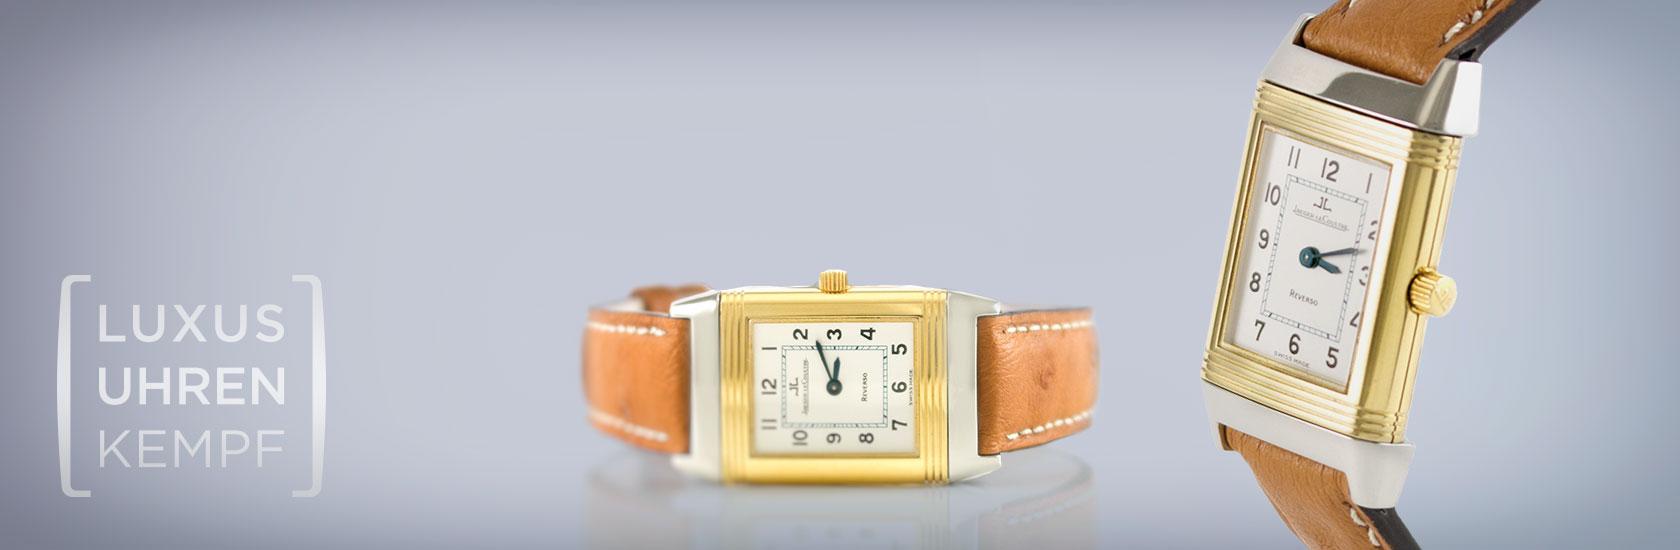 Luxusuhren Kempf - Ankauf von gebrauchten Jaeger-LeCoultre Uhren